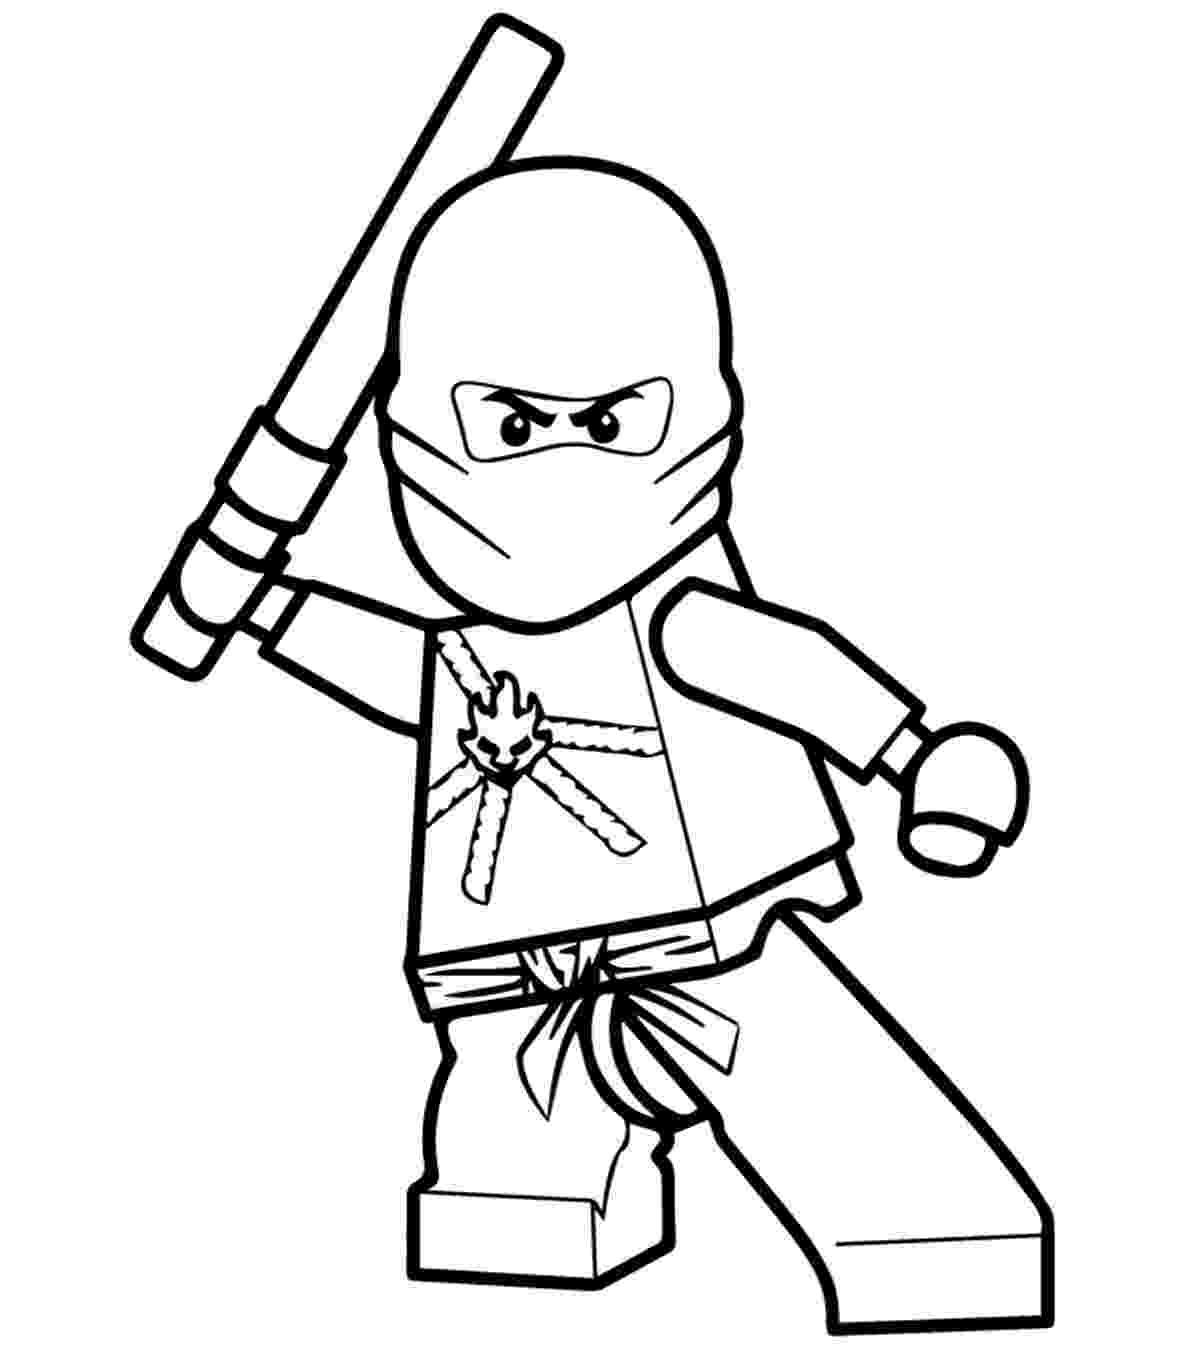 ninjago coloring cartoon coloring pages momjunction ninjago coloring